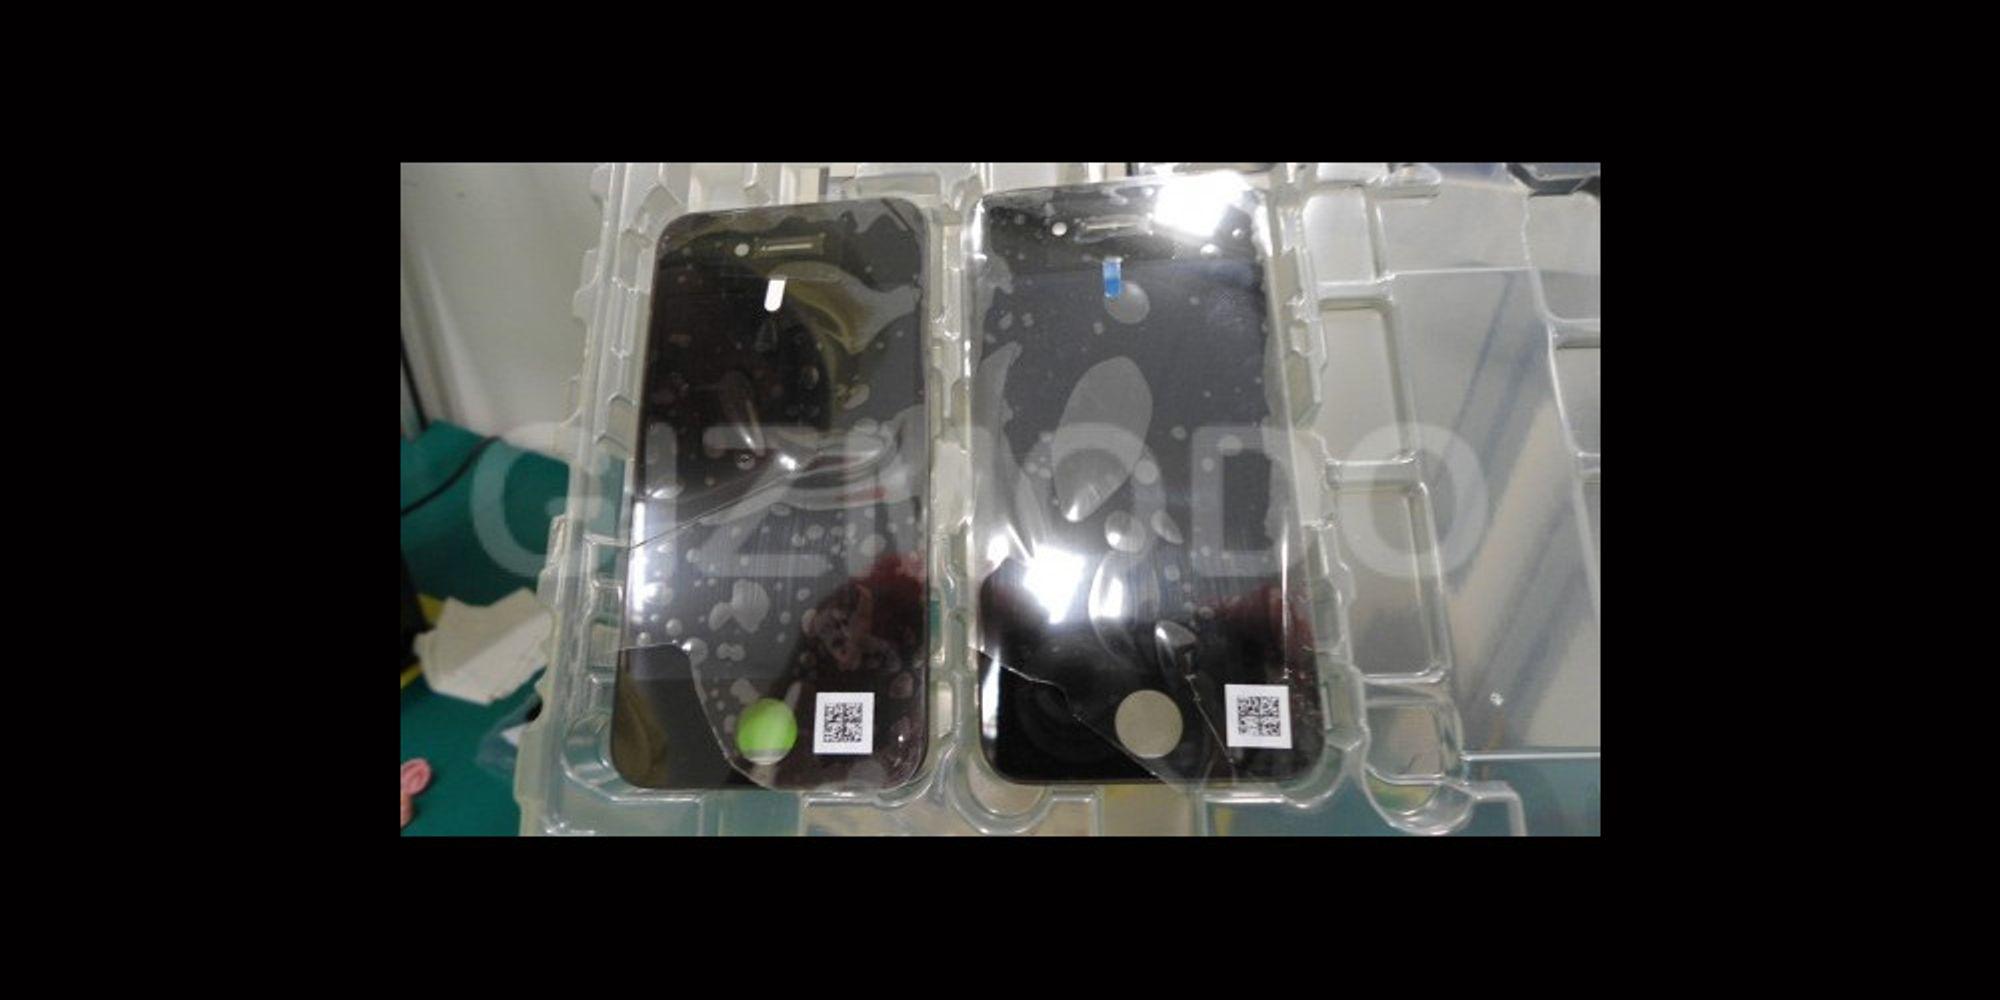 Dette kan være iPhone 4s